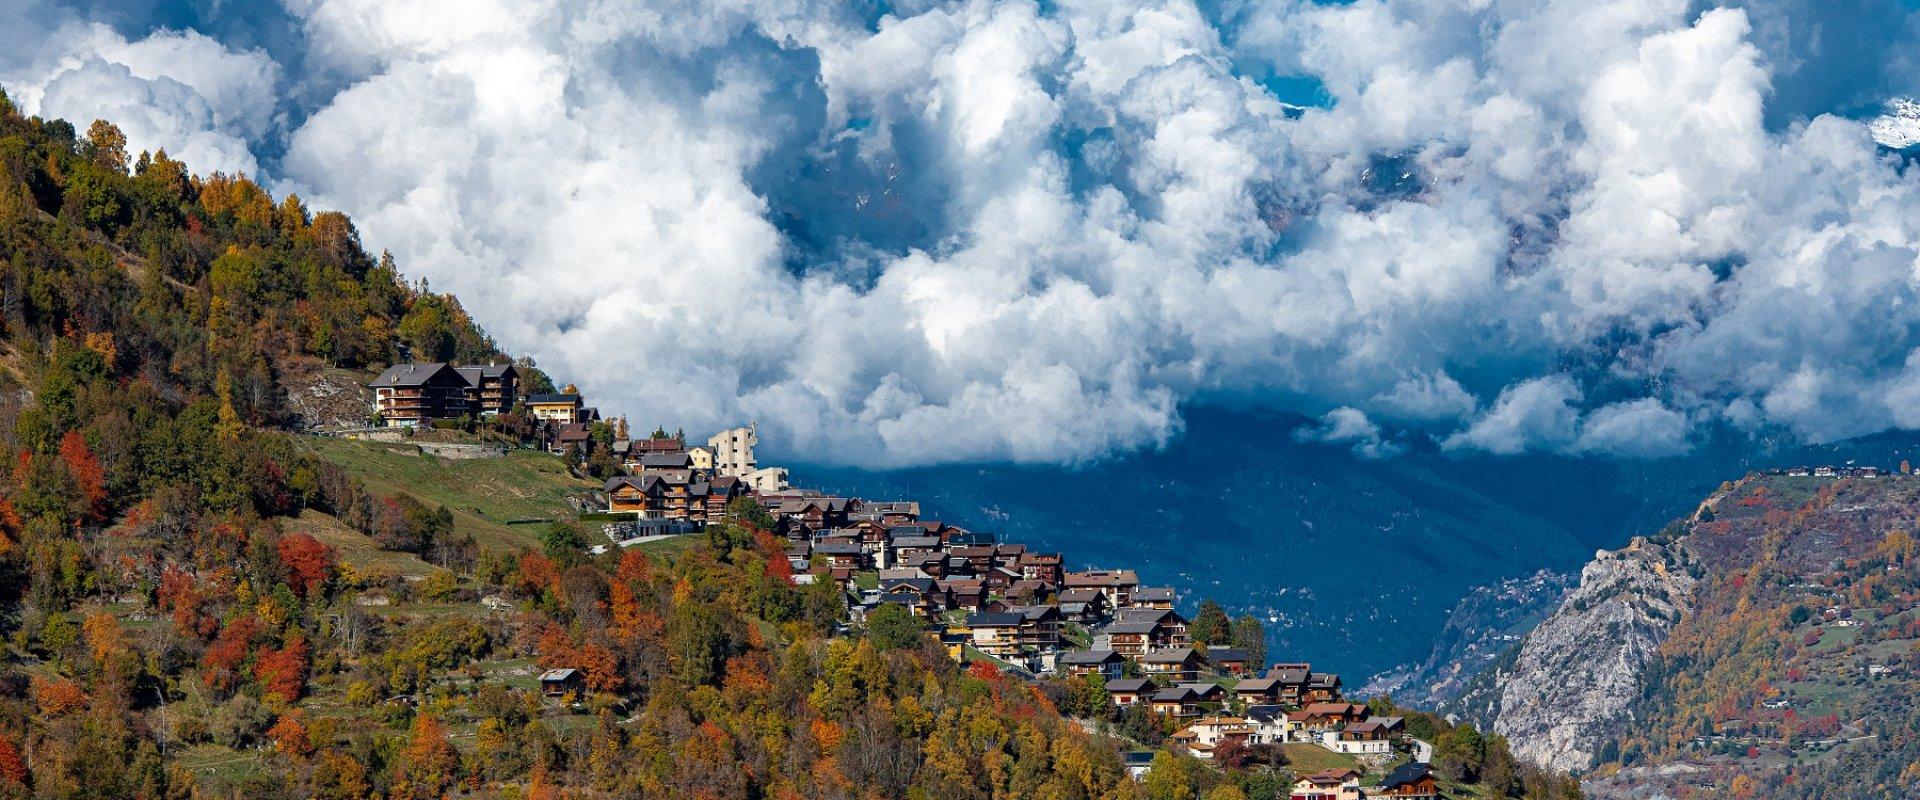 Hérémence et ses hameaux traditionnels